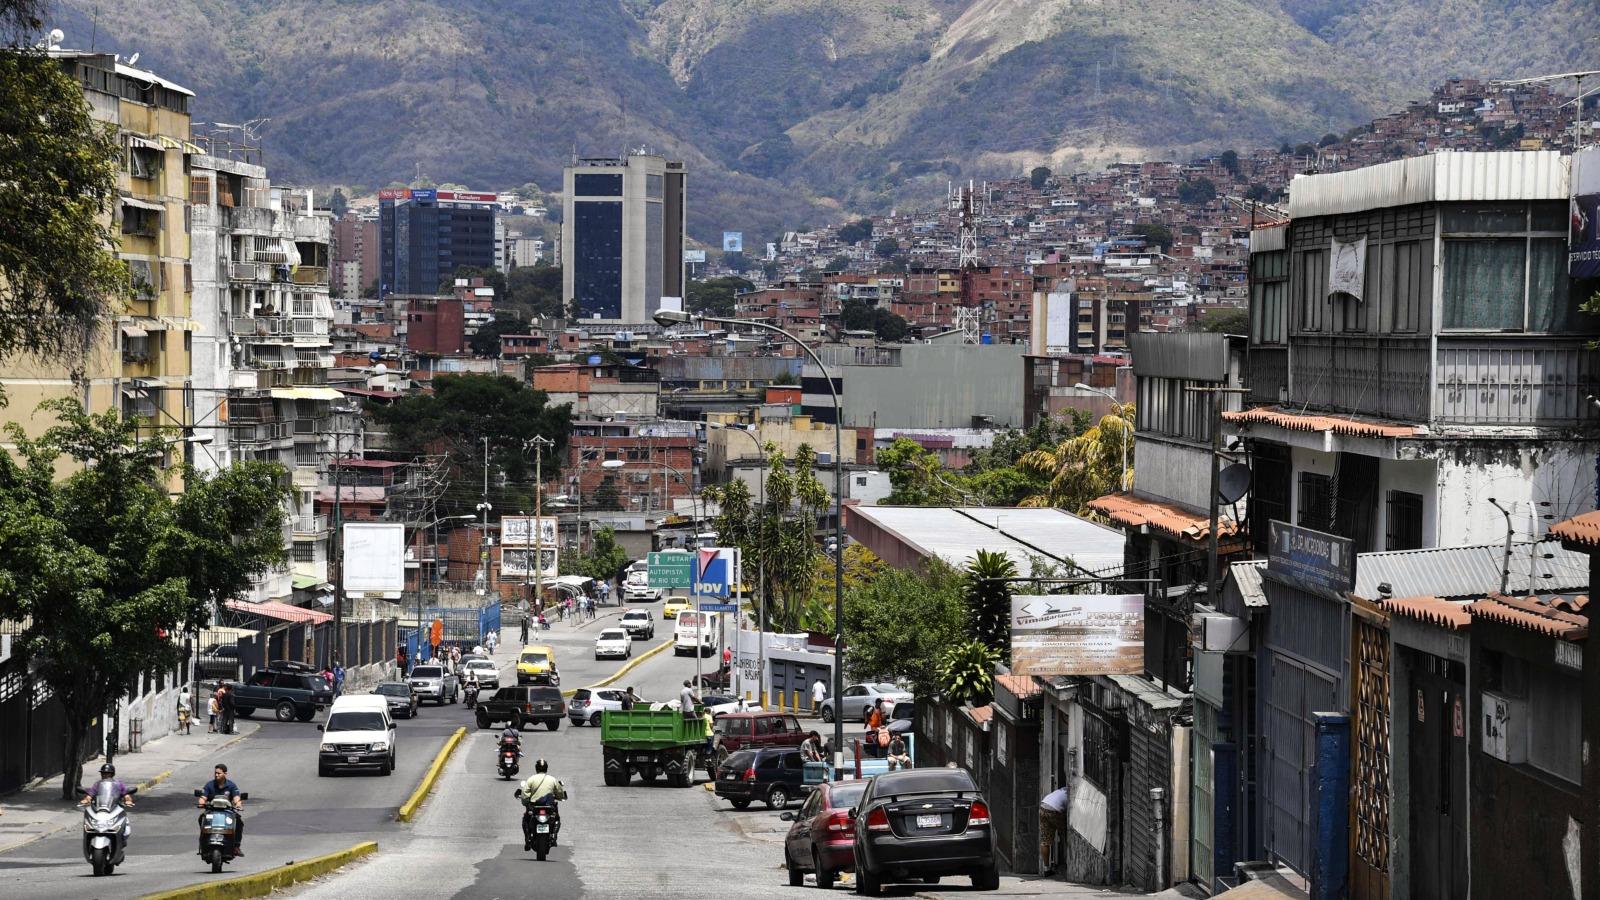 Apagón de seis días dejó pérdidas por 875 millones de dólares en Venezuela